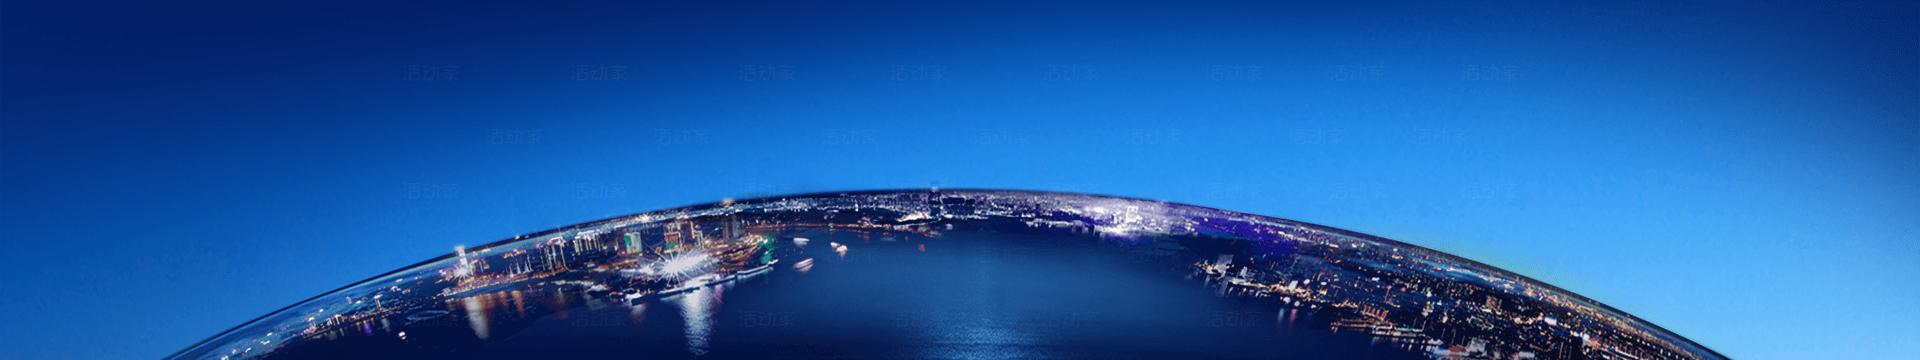 2015中国建筑业大格局新秩序创新峰会